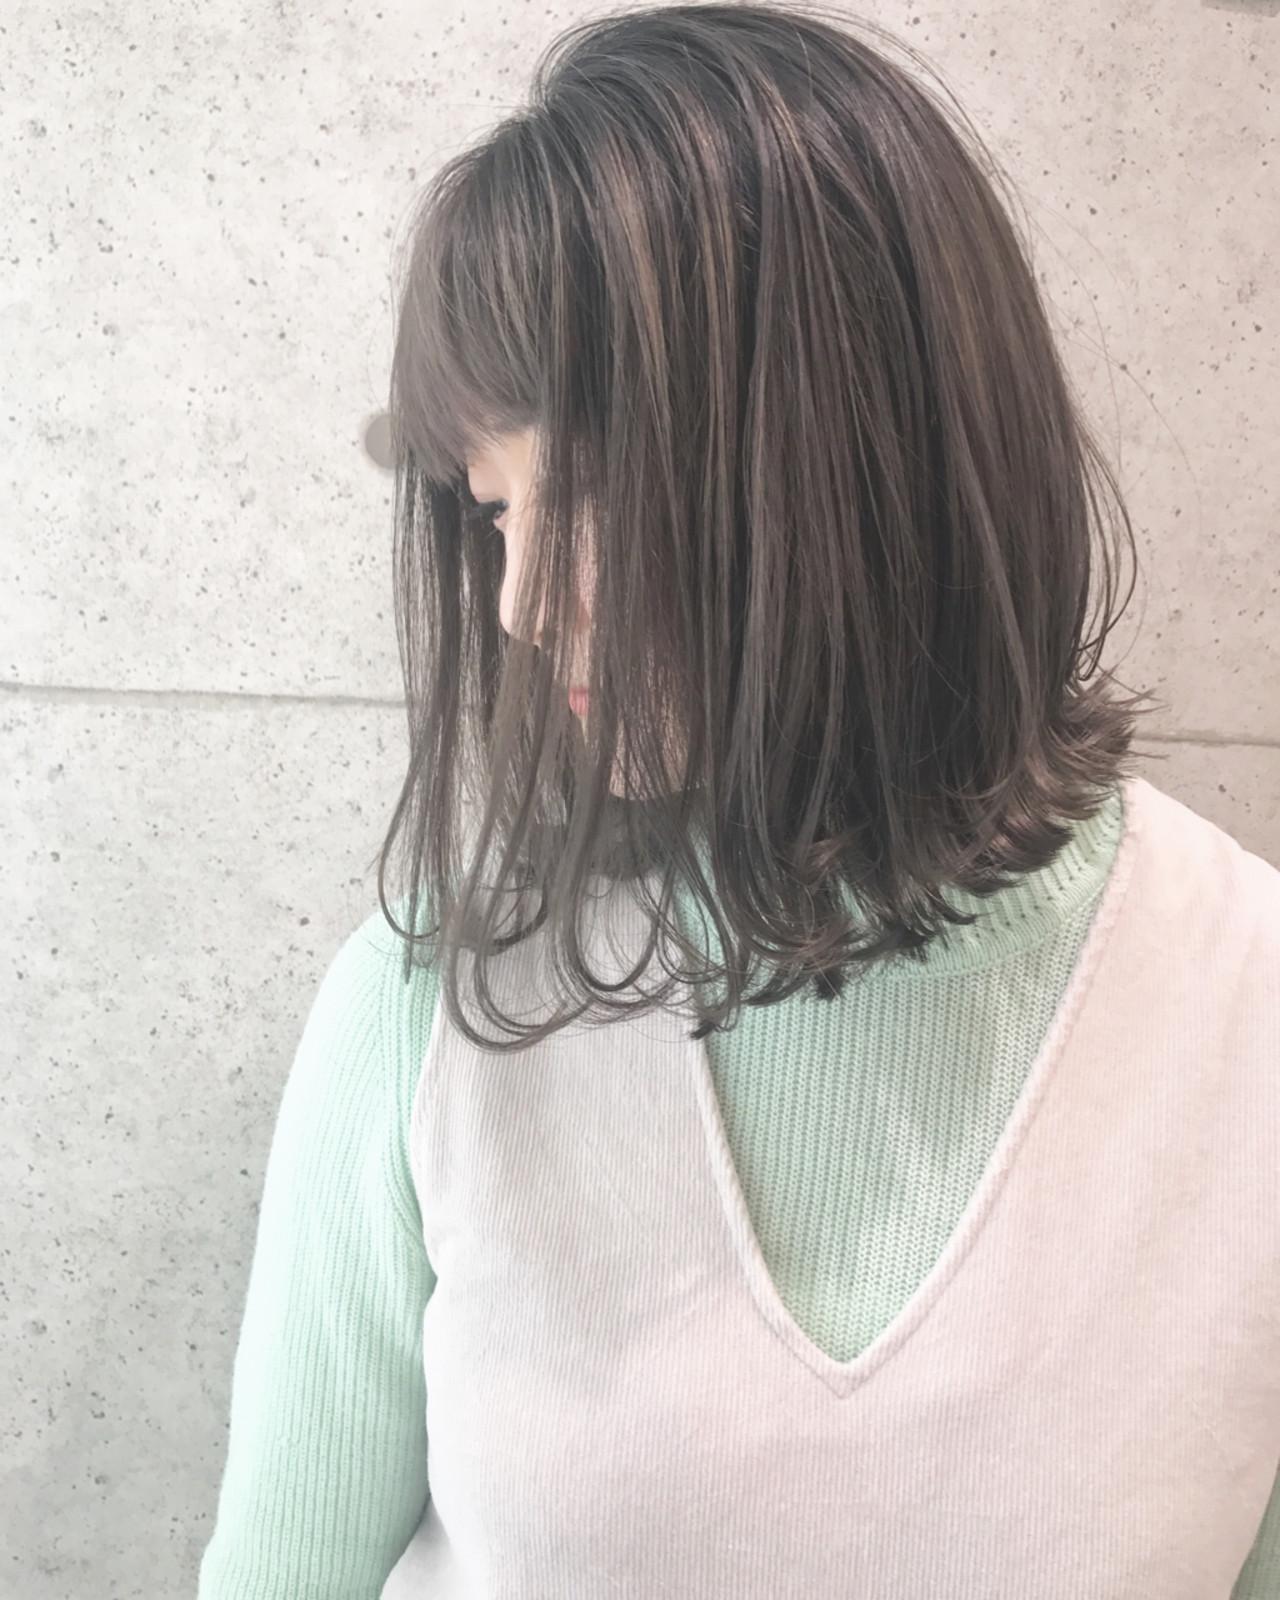 前髪あり スポーツ ヘアアレンジ 簡単ヘアアレンジ ヘアスタイルや髪型の写真・画像